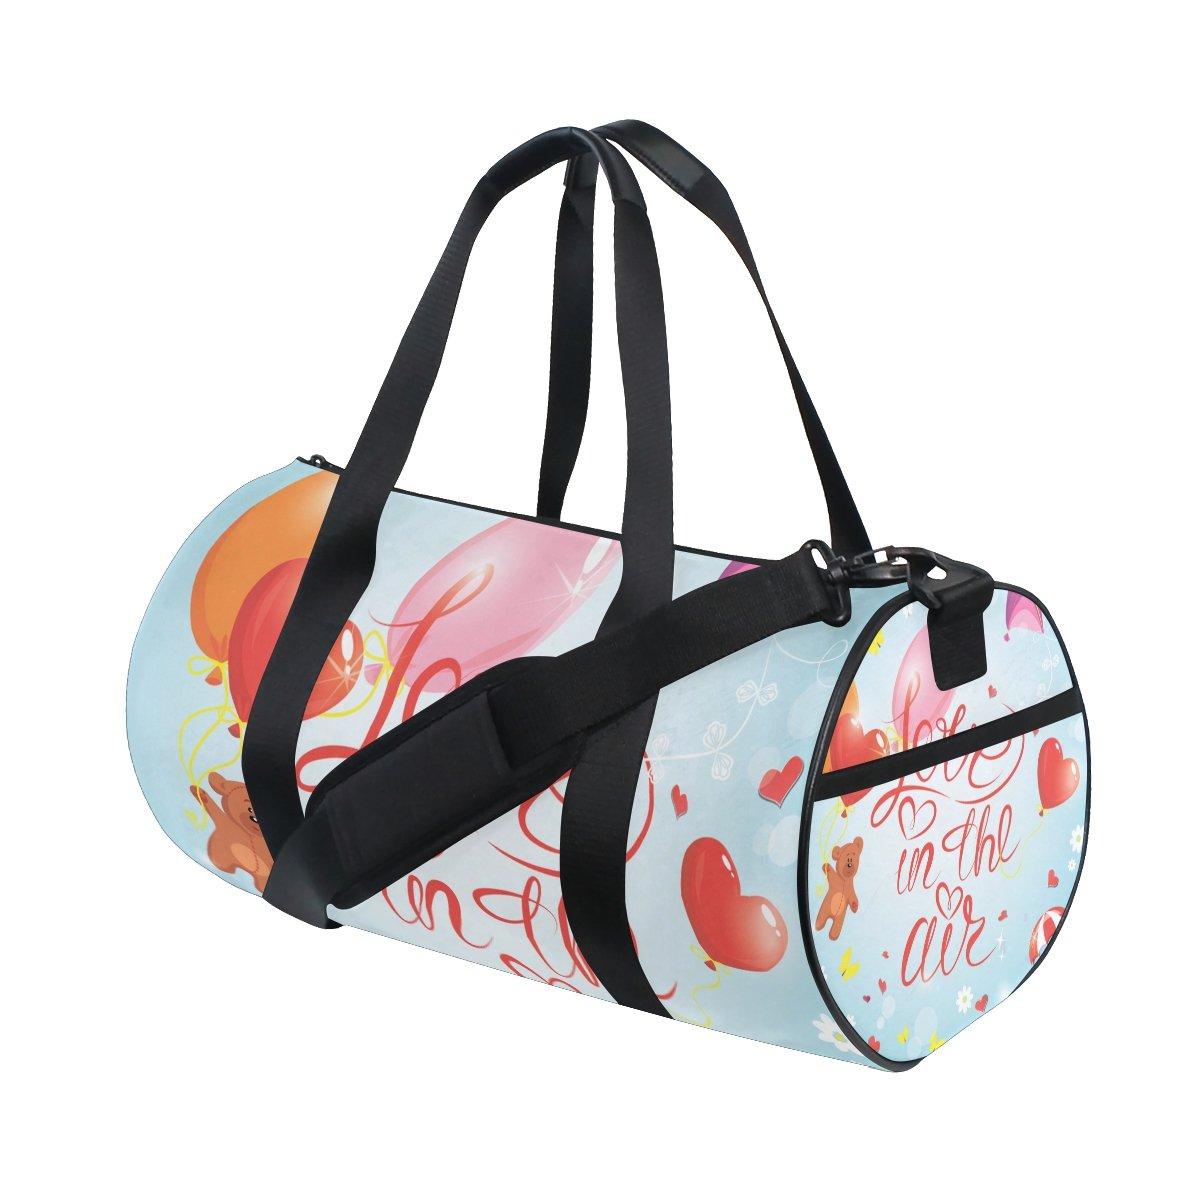 U LIFE Cute Animal Bear Love Heart Floral Flowers Butterfly Sports Gym Shoulder Handy Duffel Bags for Women Men Kids Boys Girls